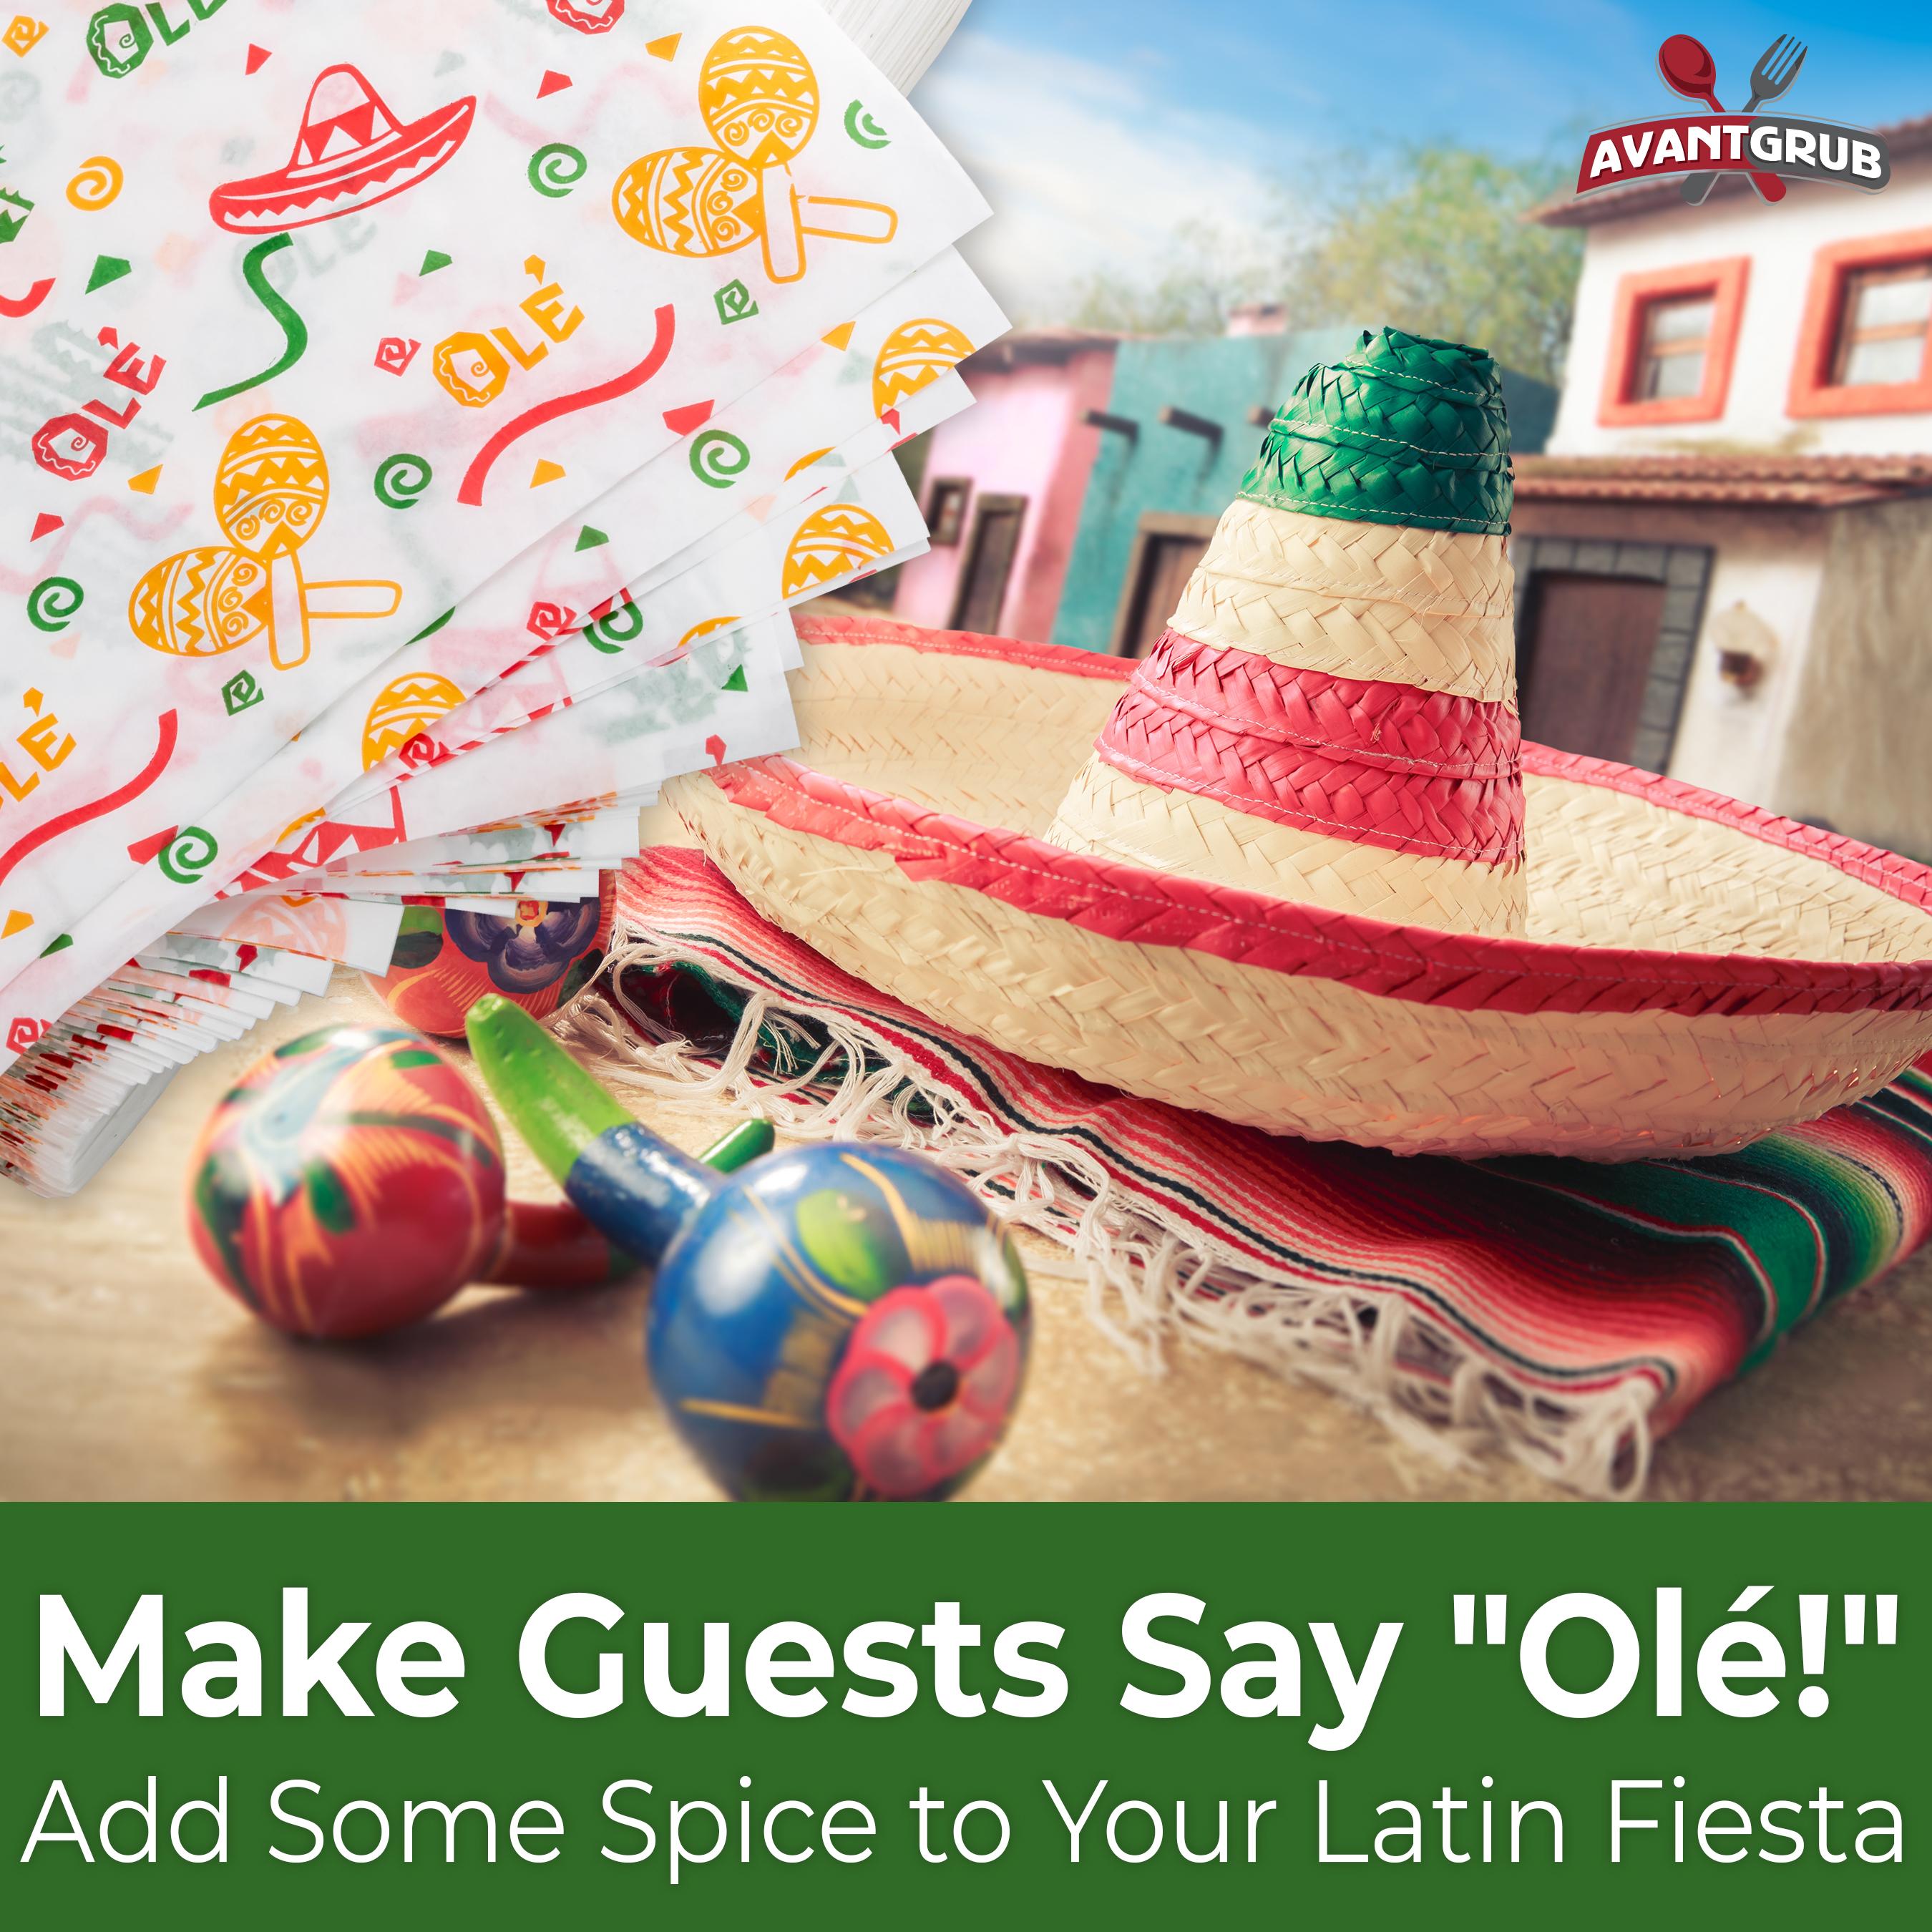 miniature 14 - Fiesta Style Mexican Deli Paper Liner 12x12 Burrito & Taco Wrapper by Avant Grub